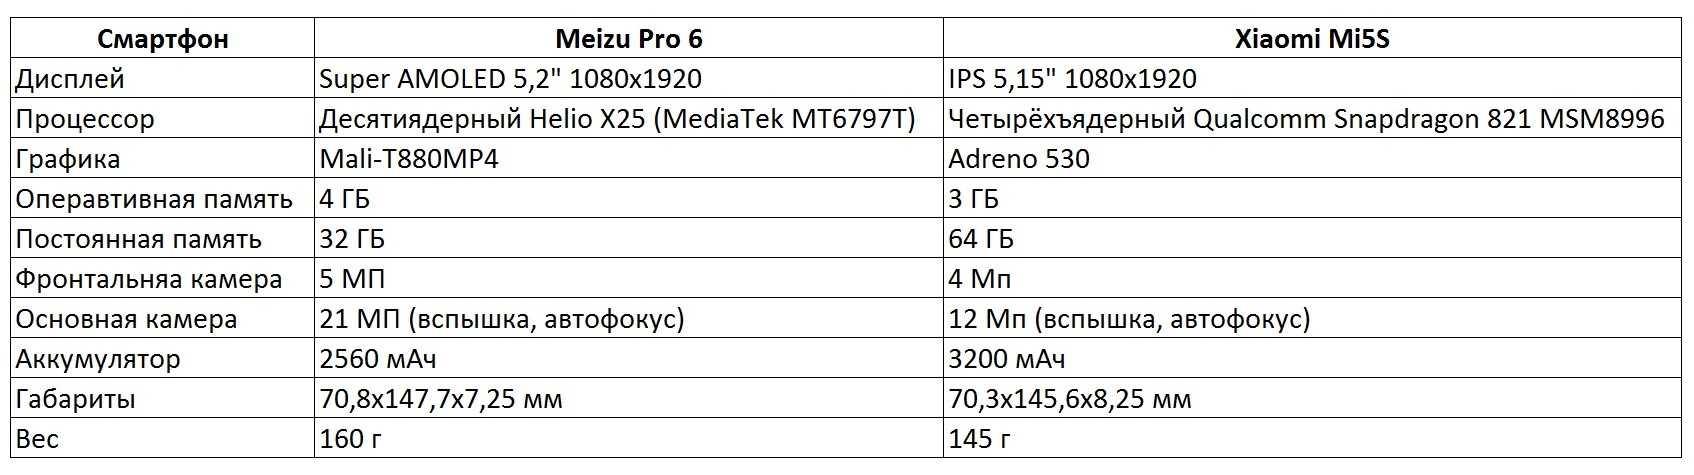 Еще в августе компания Meizu анонсировала флагманский смартфон 16s Pro Только теперь дизайн этого аппарата был достойно оценен В частности удостоен китайской премии